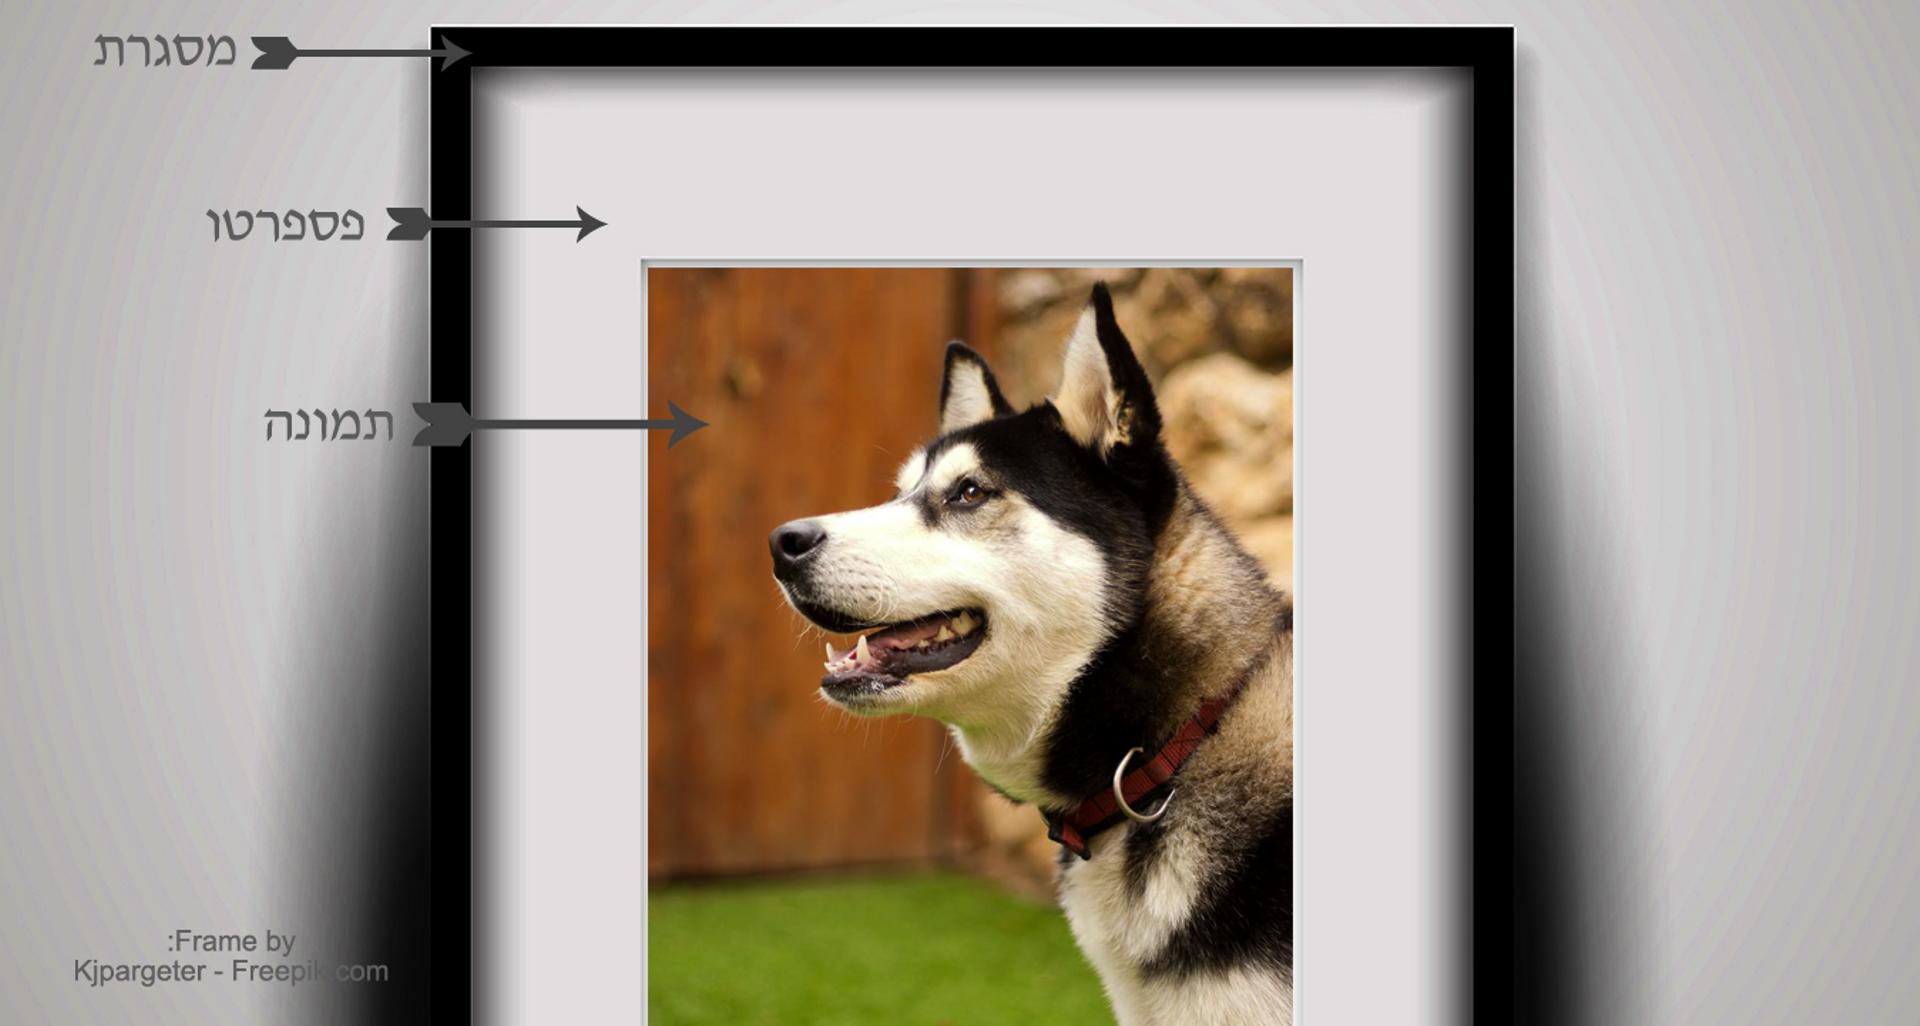 =מסגרת תמונה איכותית דגם FR9273, כולל הדפסת תמונה.